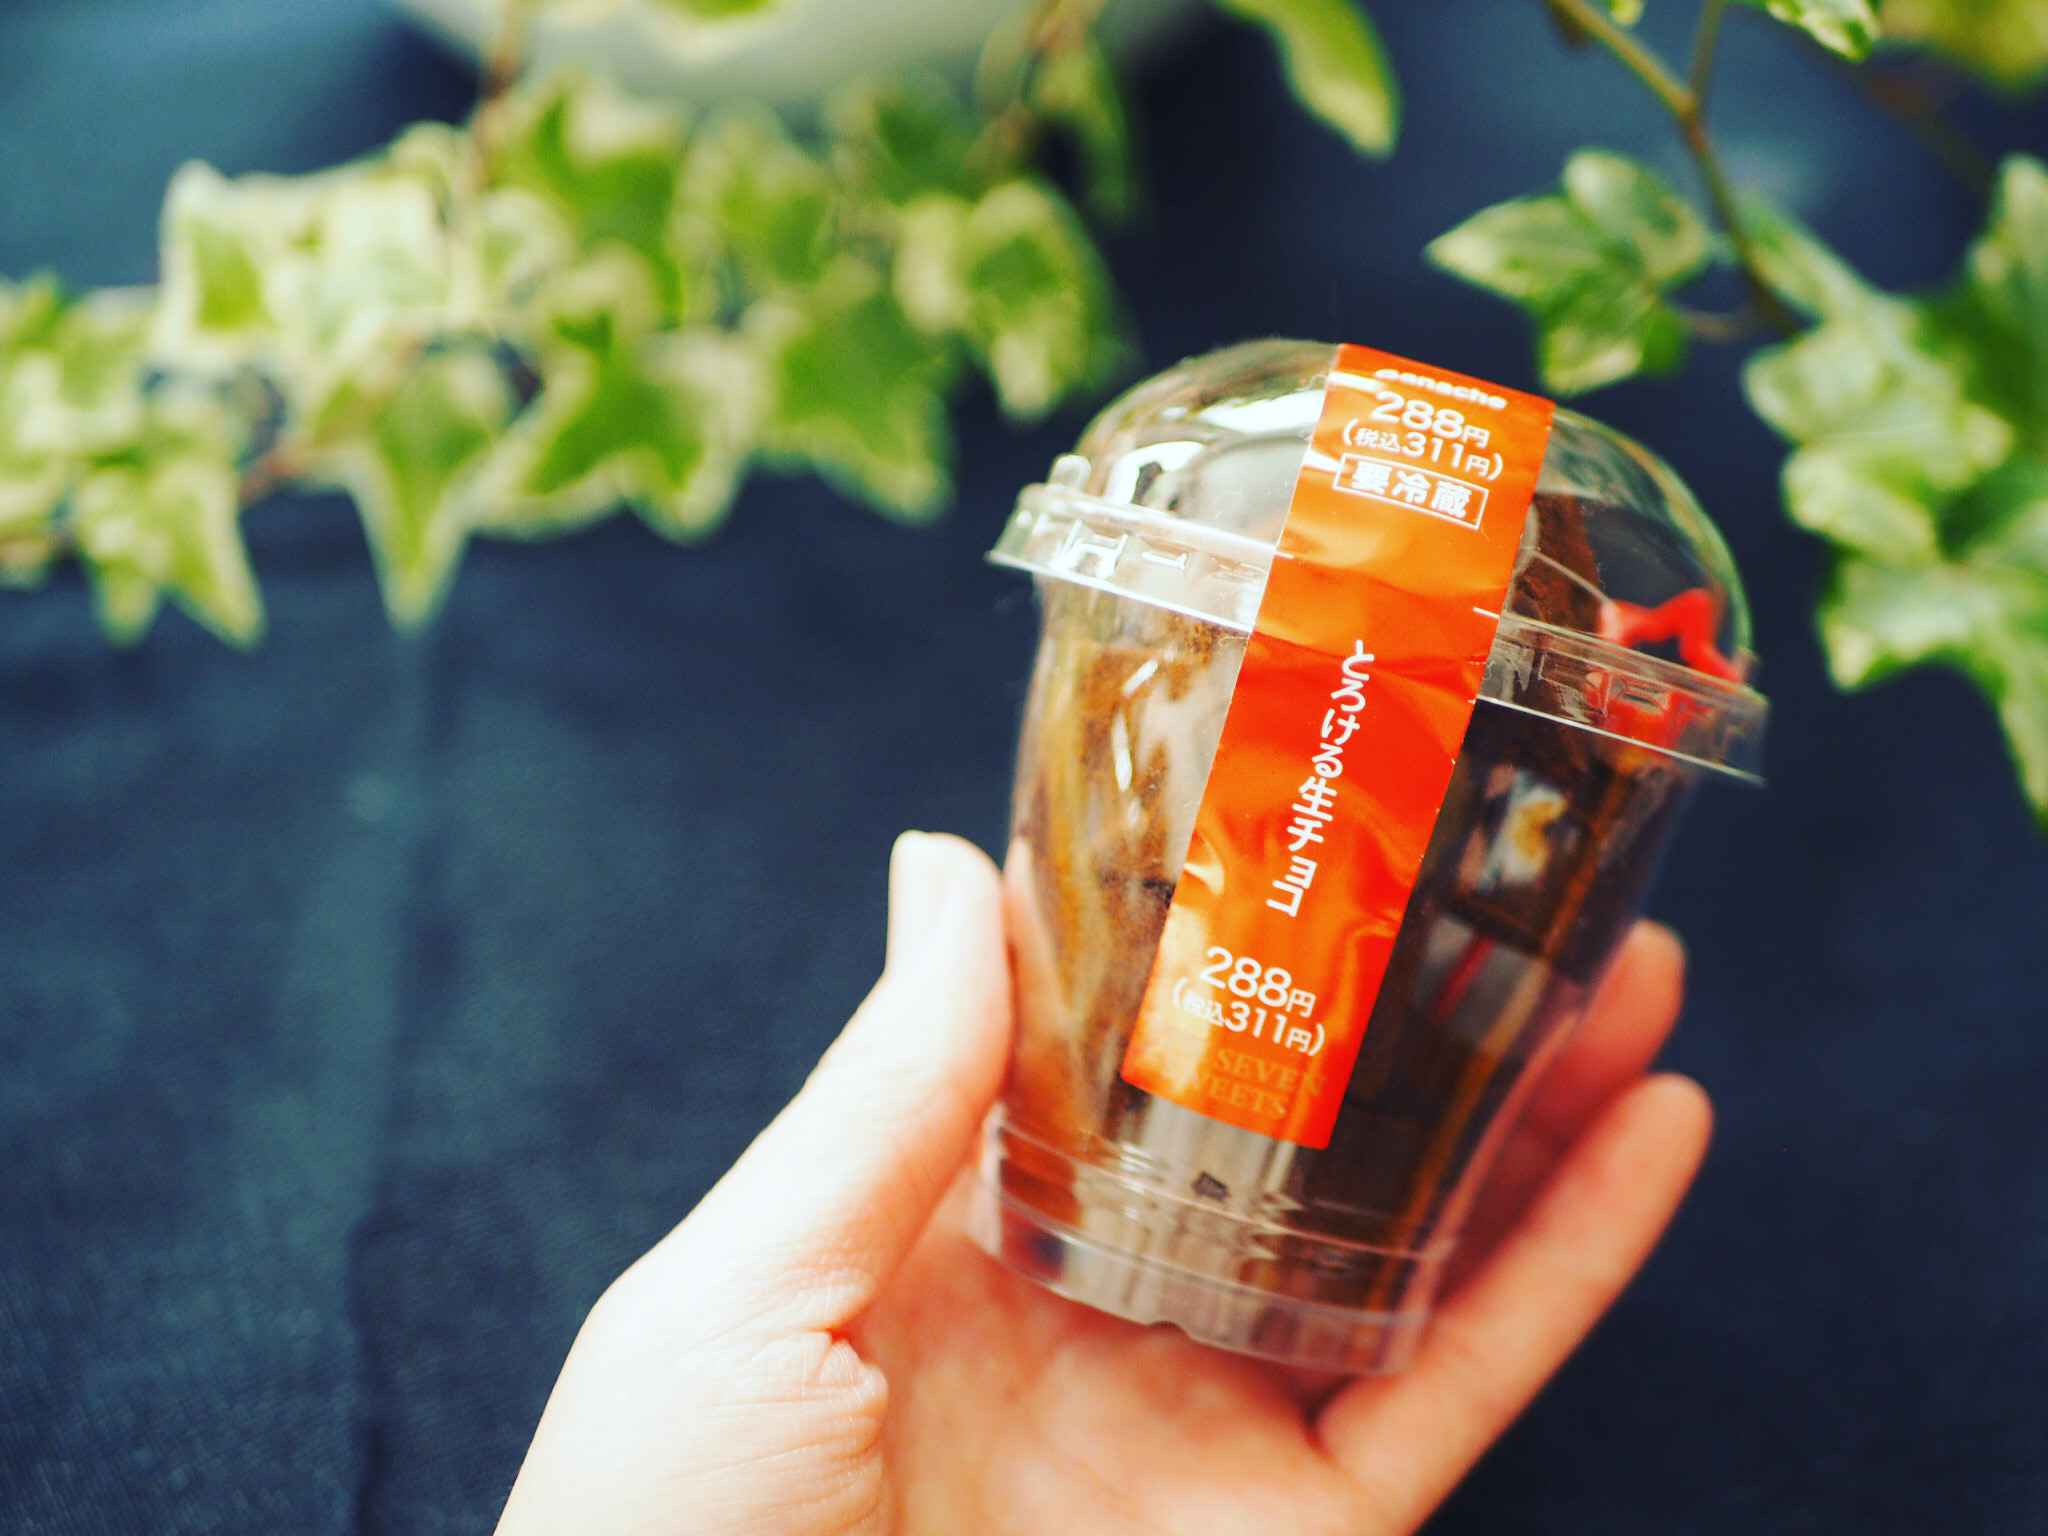 【セブン‐イレブン×バレンタイン】《とろける生チョコ》がたまらない美味しさ♡_1